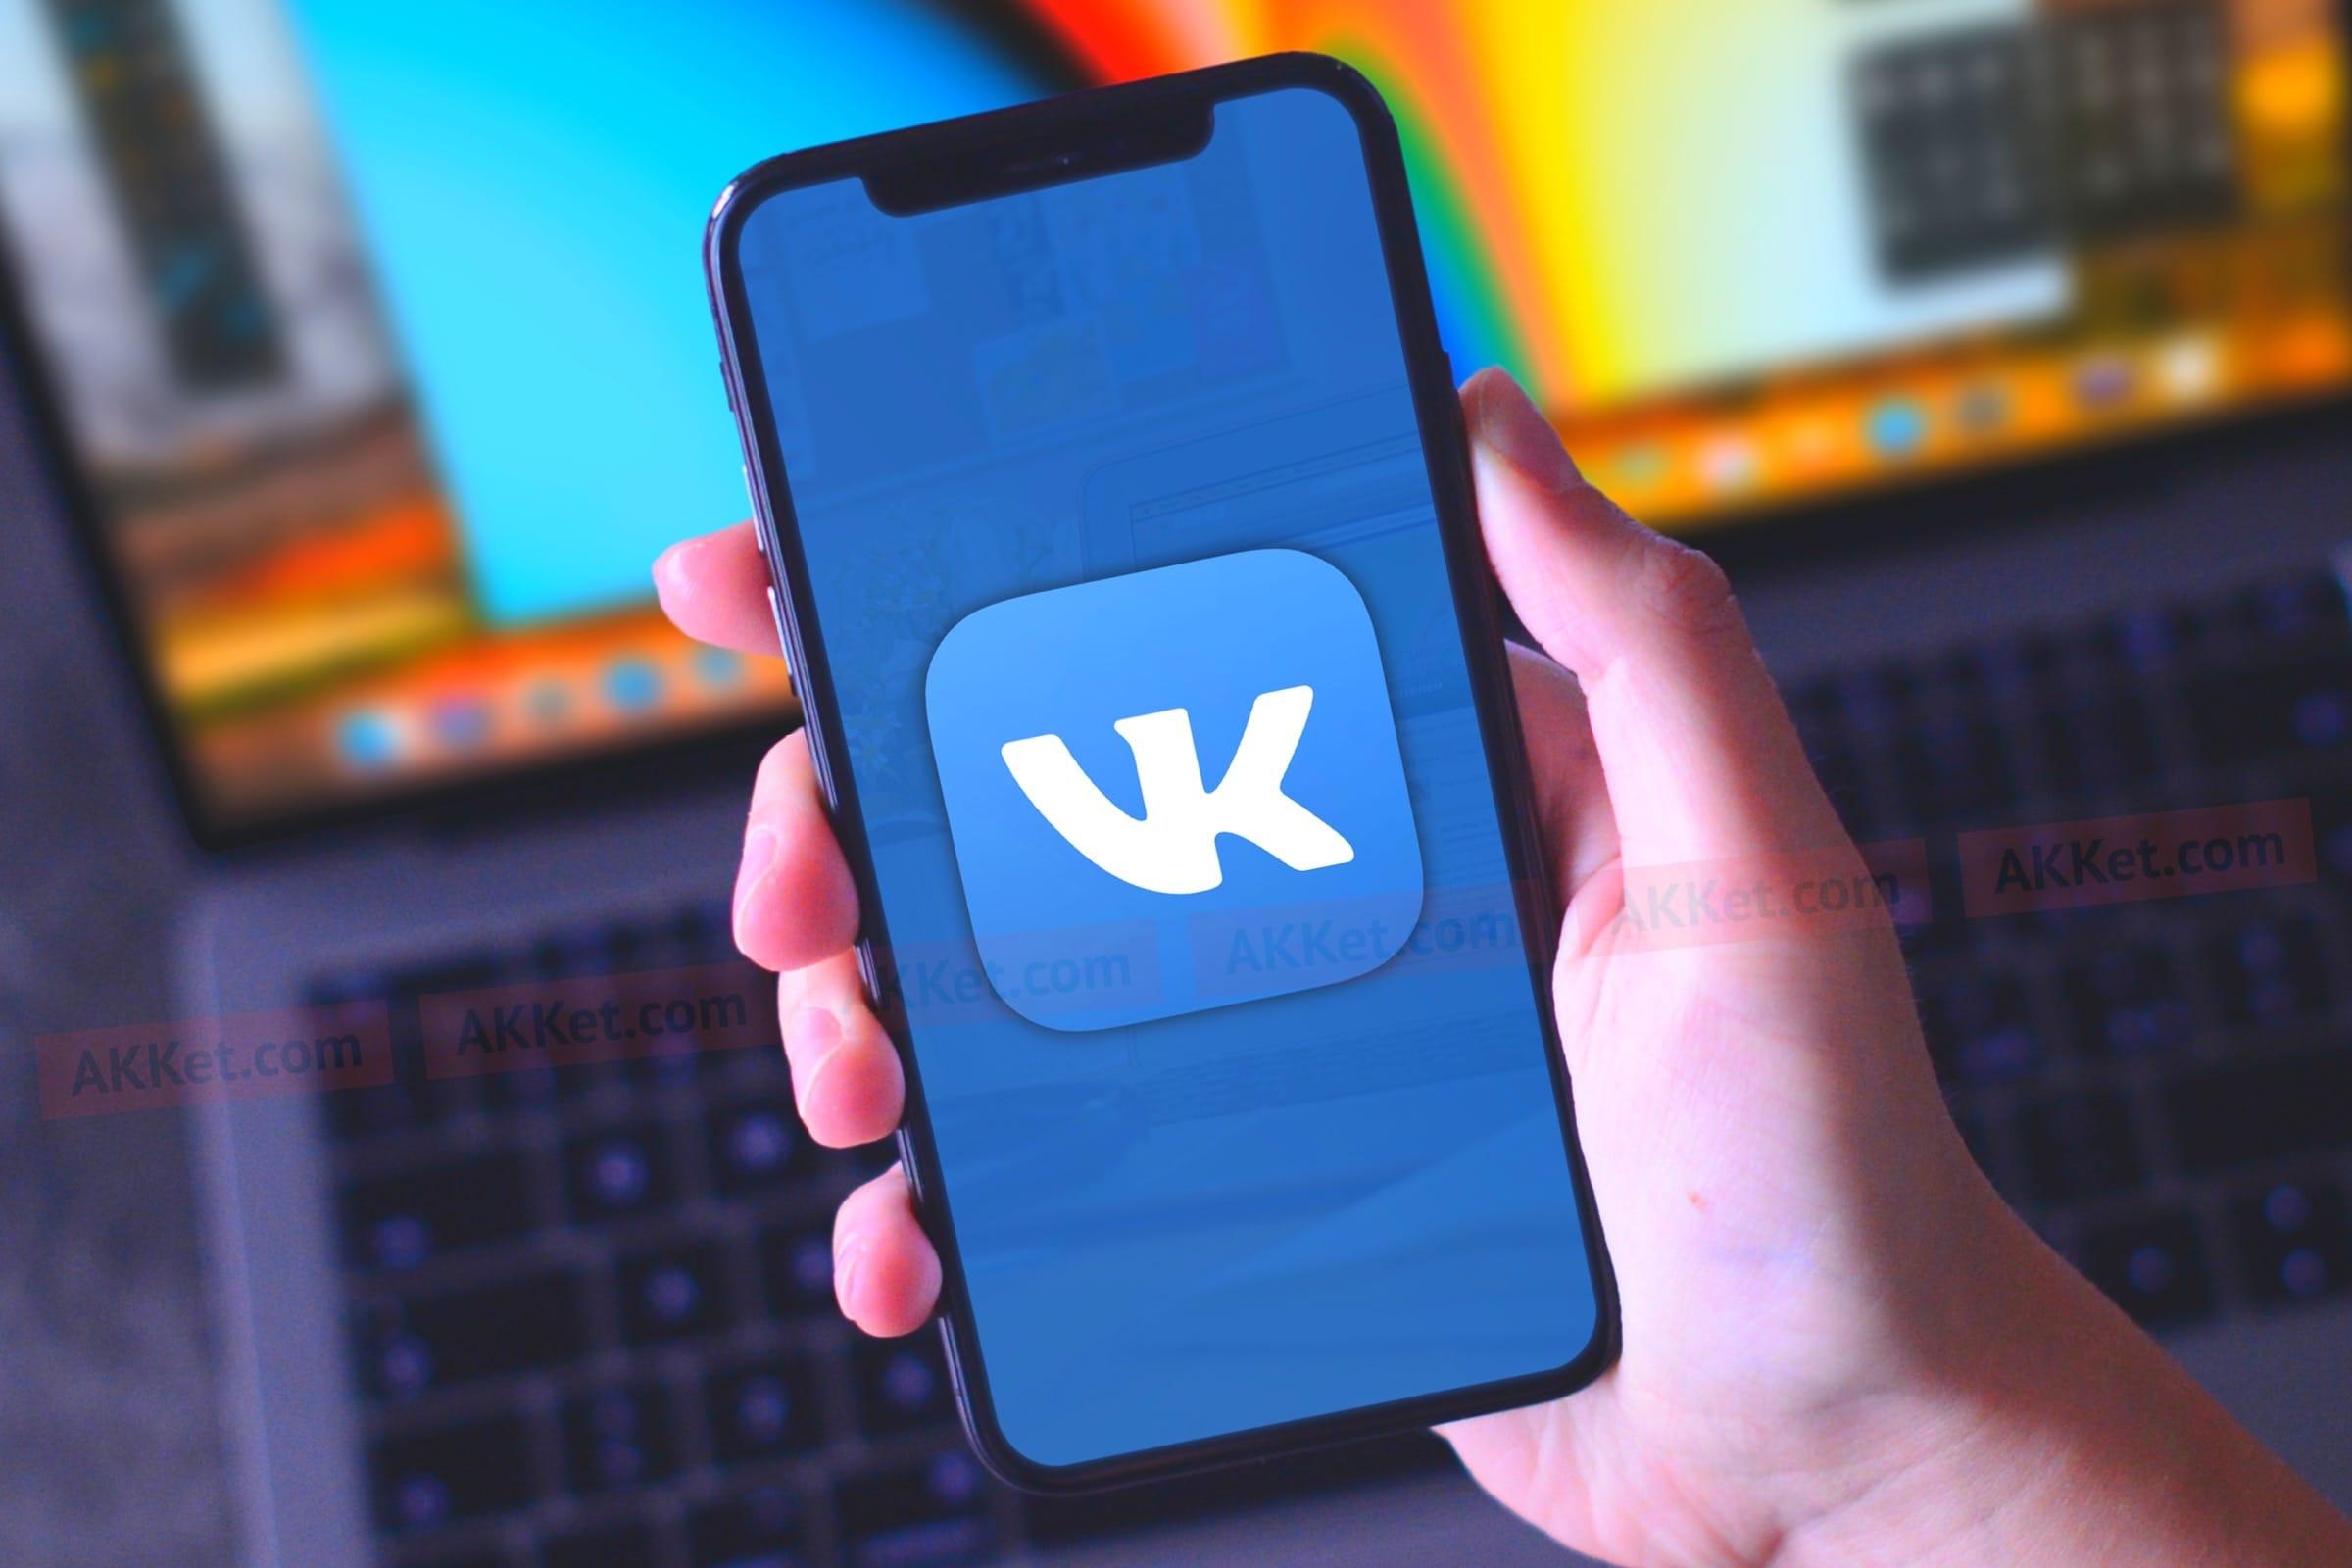 «Вконтакте» запустит собственную платежную платформуVK Pay